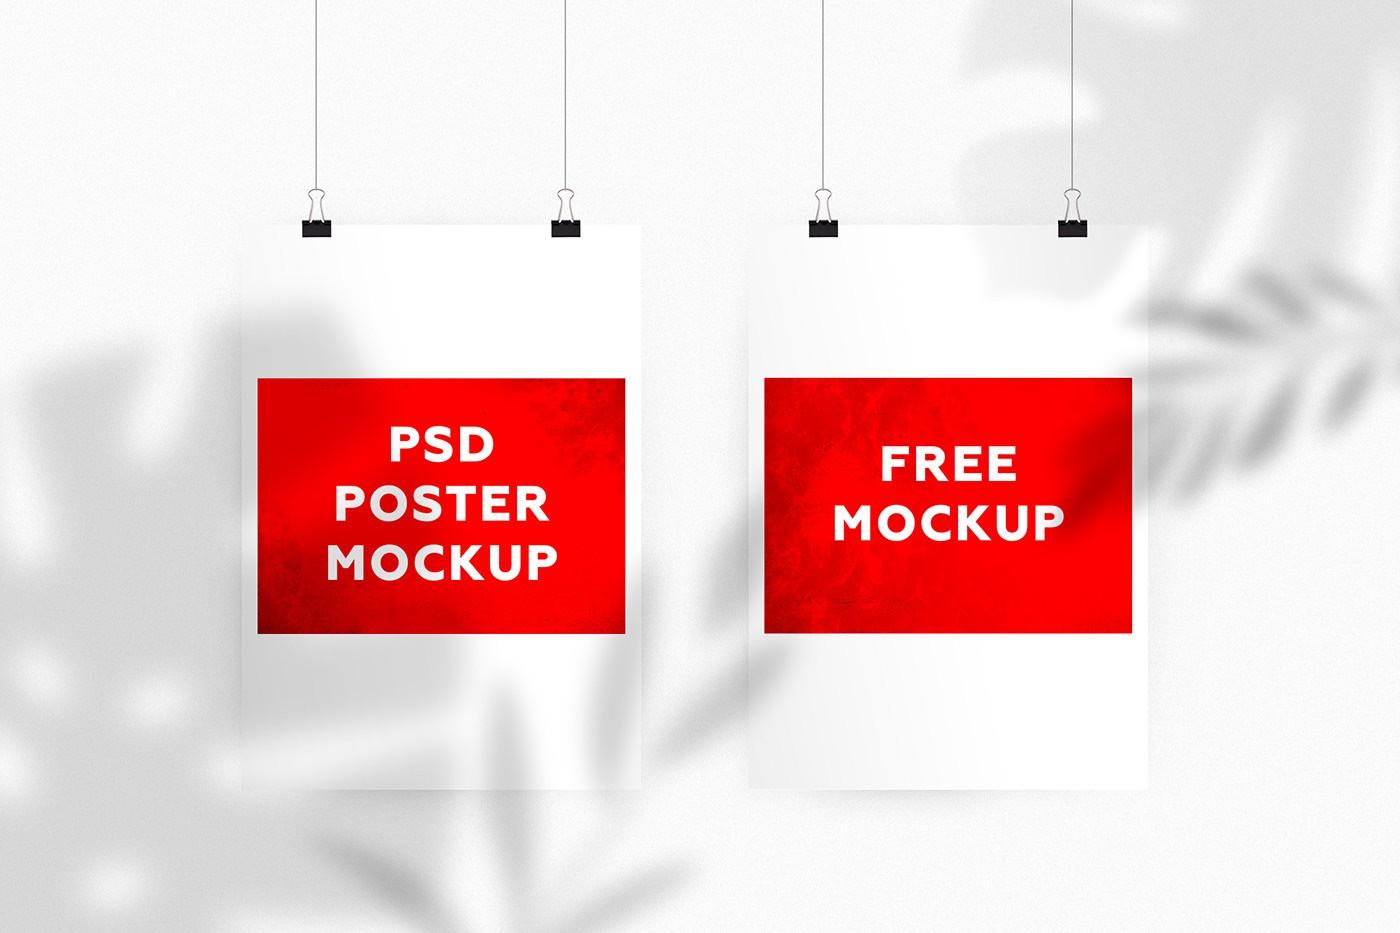 Free Psd Shadow Poster Mockup Free Mockup Download